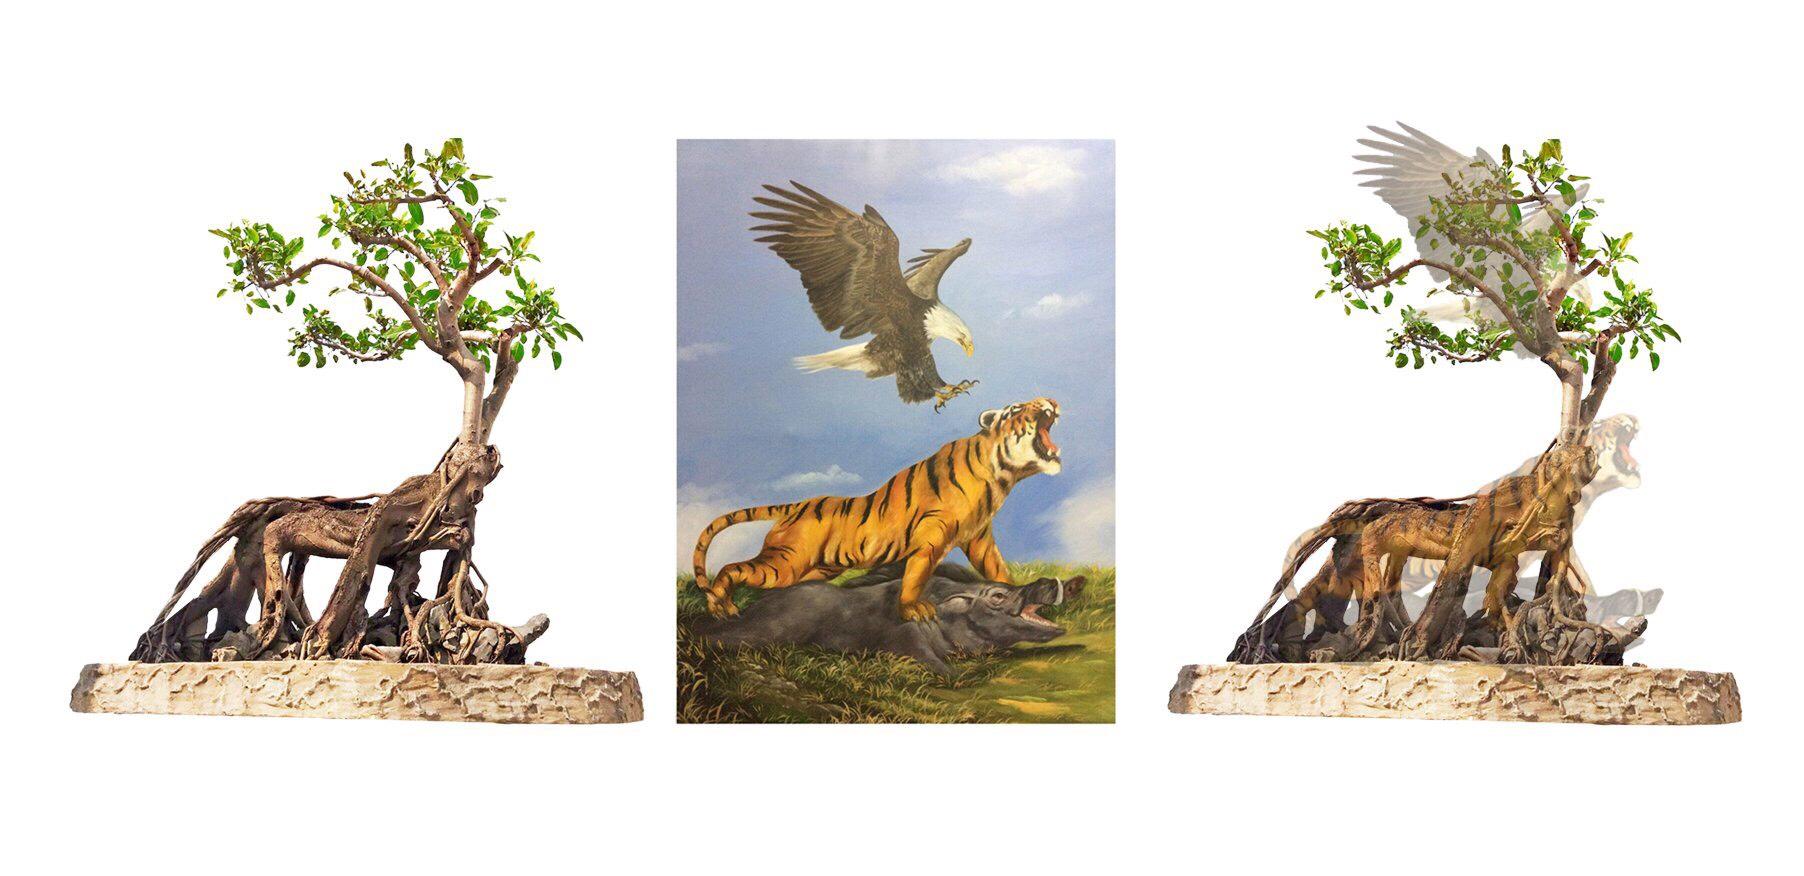 """Tác phẩm cây cảnh """"Anh Hùng Tương Ngộ""""là cây Đa cổ thụ có tuổi thọ hơn 200 năm với chiều dài 2m, cao 2.5m, đường kính bệ 2m."""